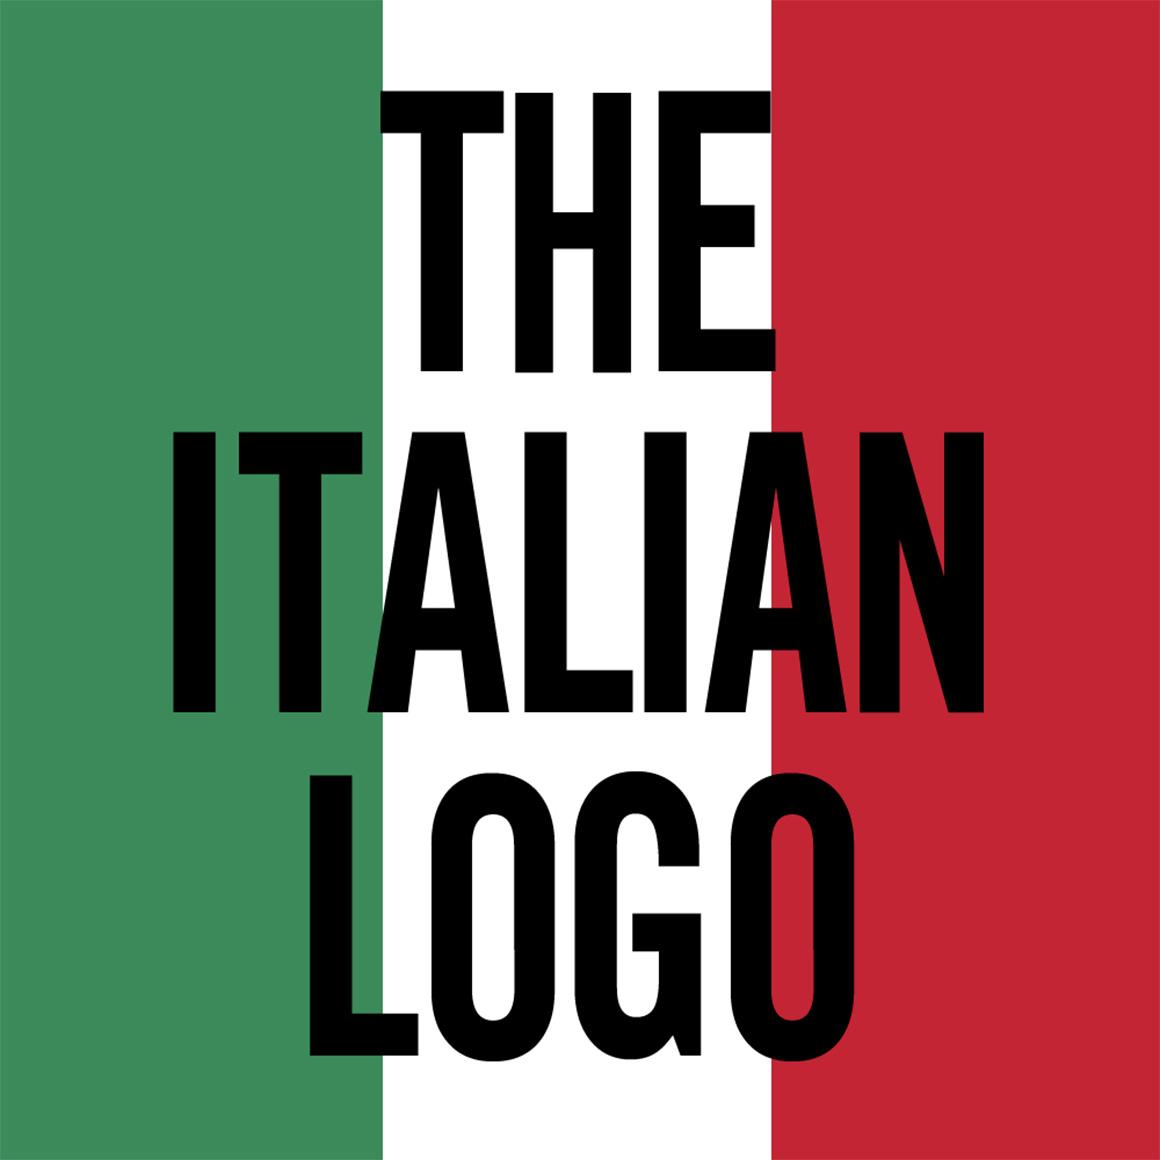 THE ITALIAN LOGO